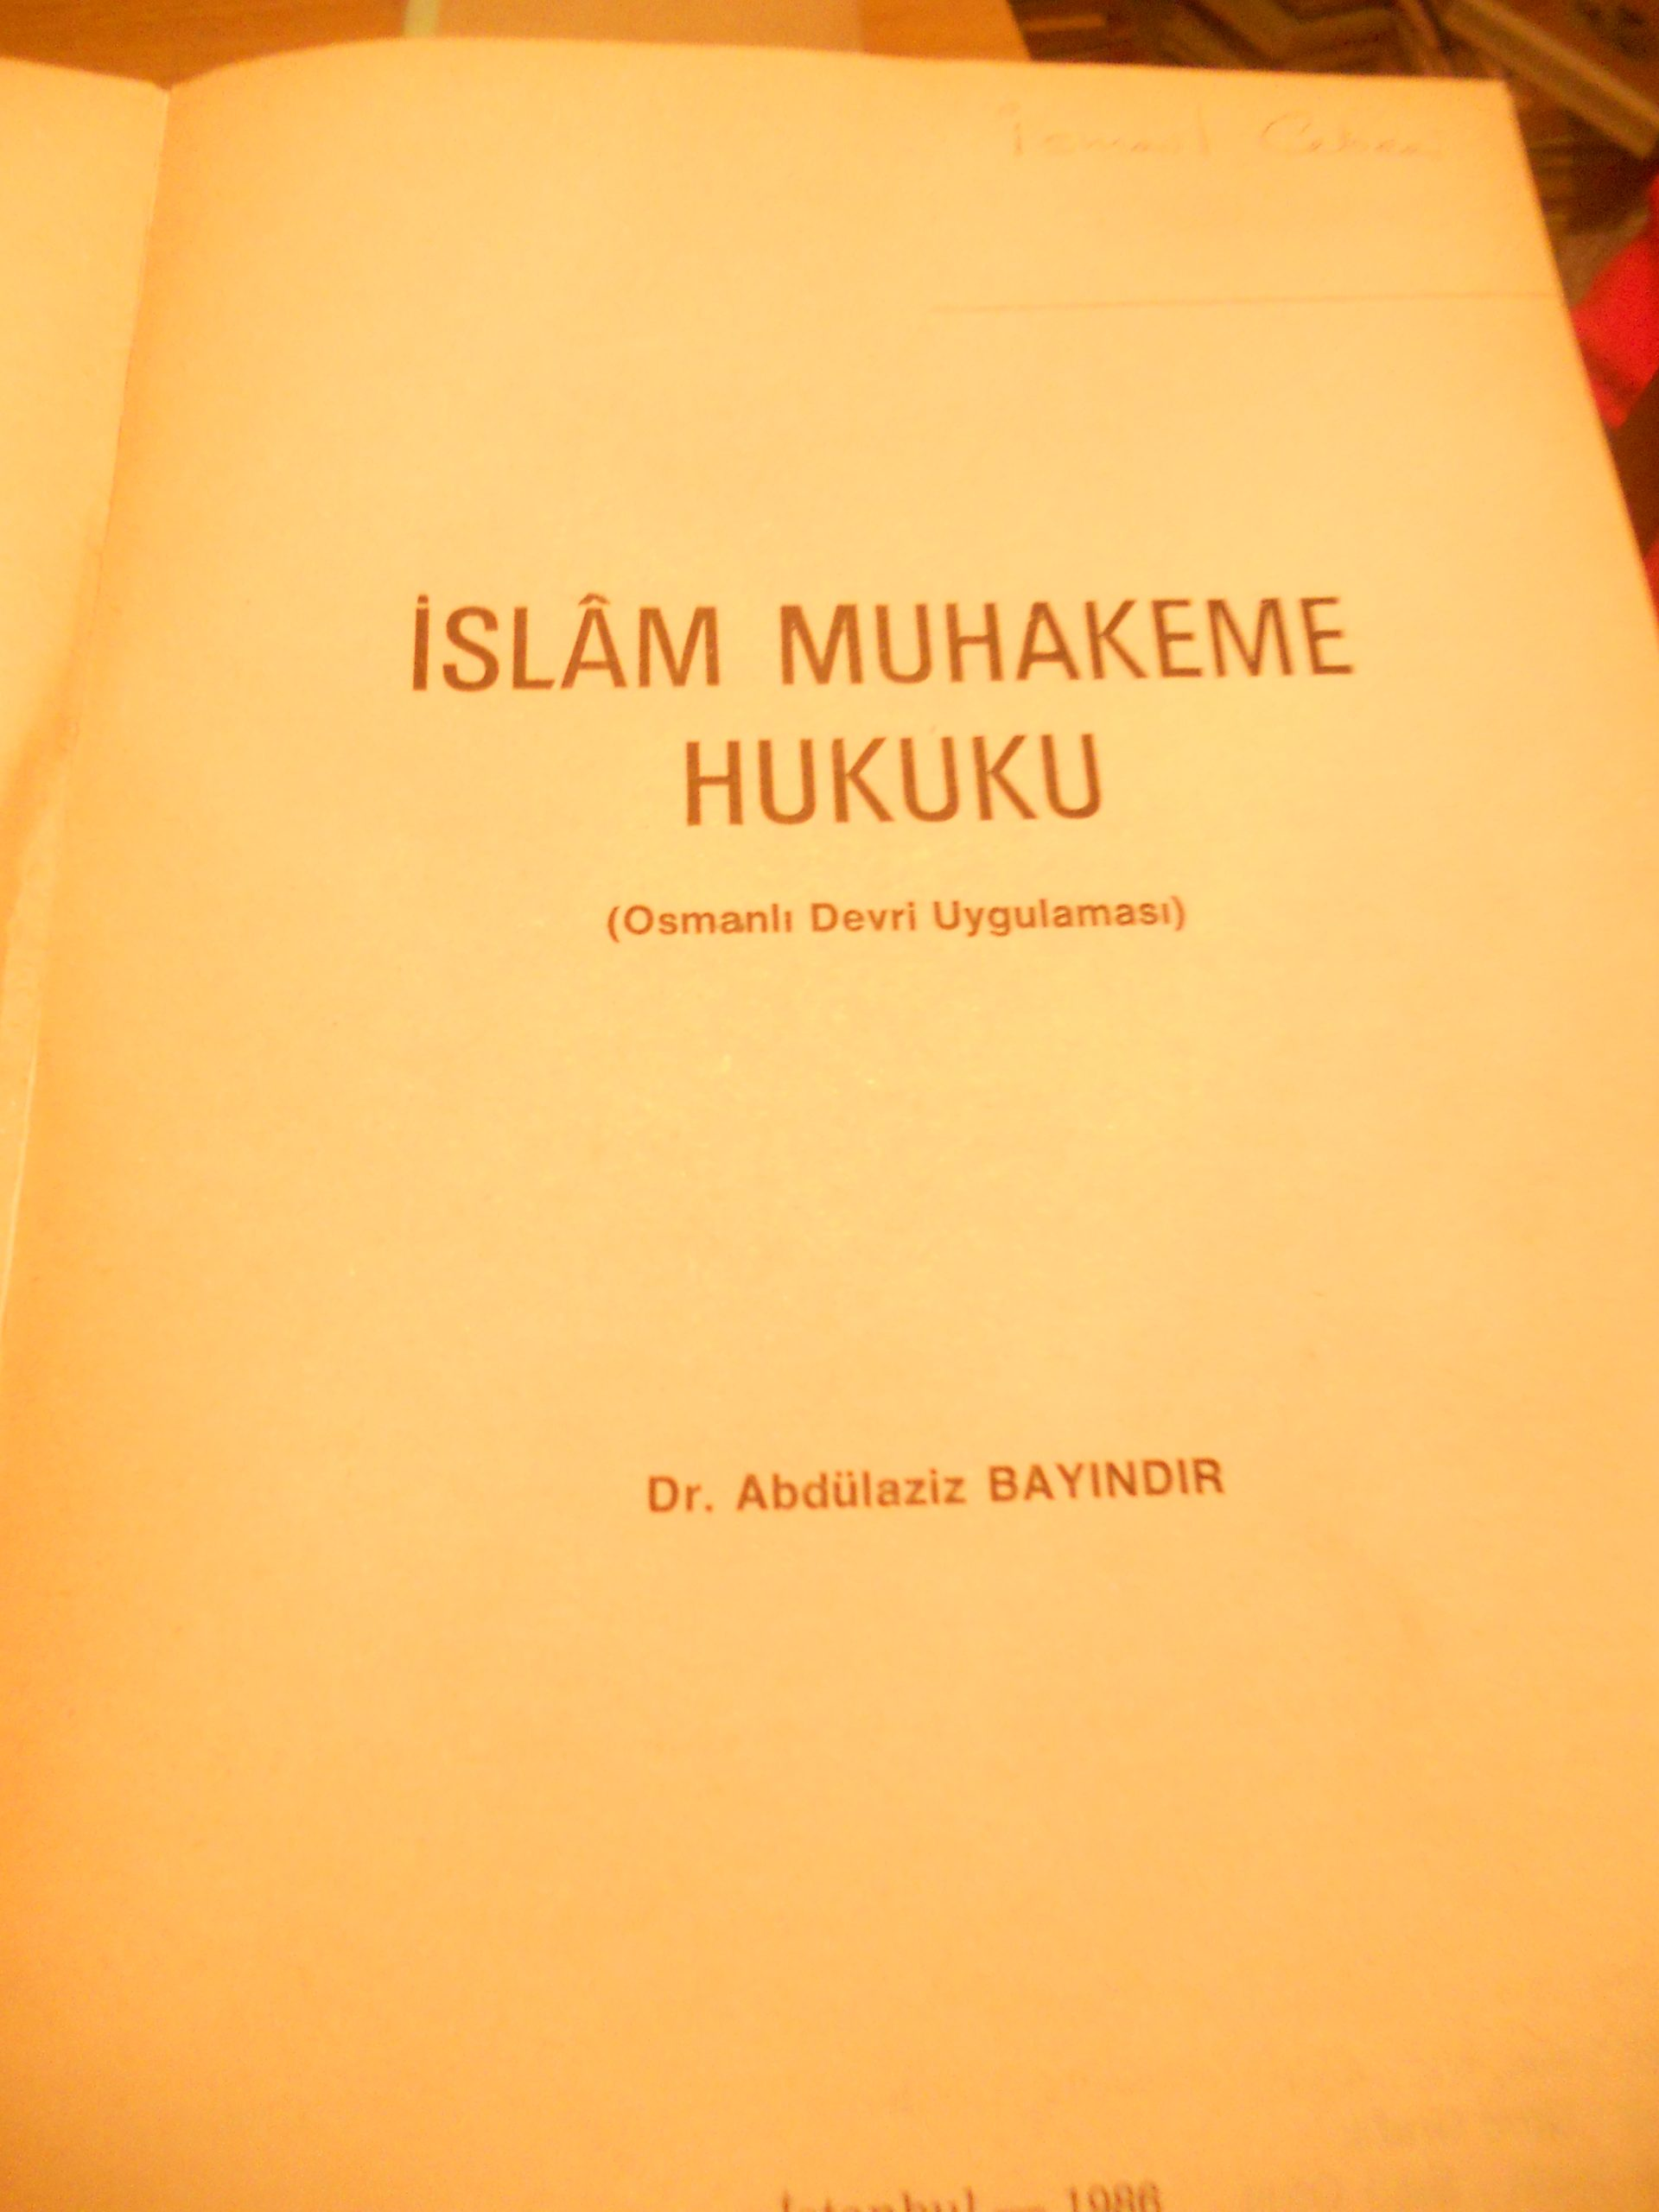 İSLAM MUHAKEME HUKUKU(Osmanlı devri uygulaması)Abdulaziz bayındır/7,5 tl(satıldı)